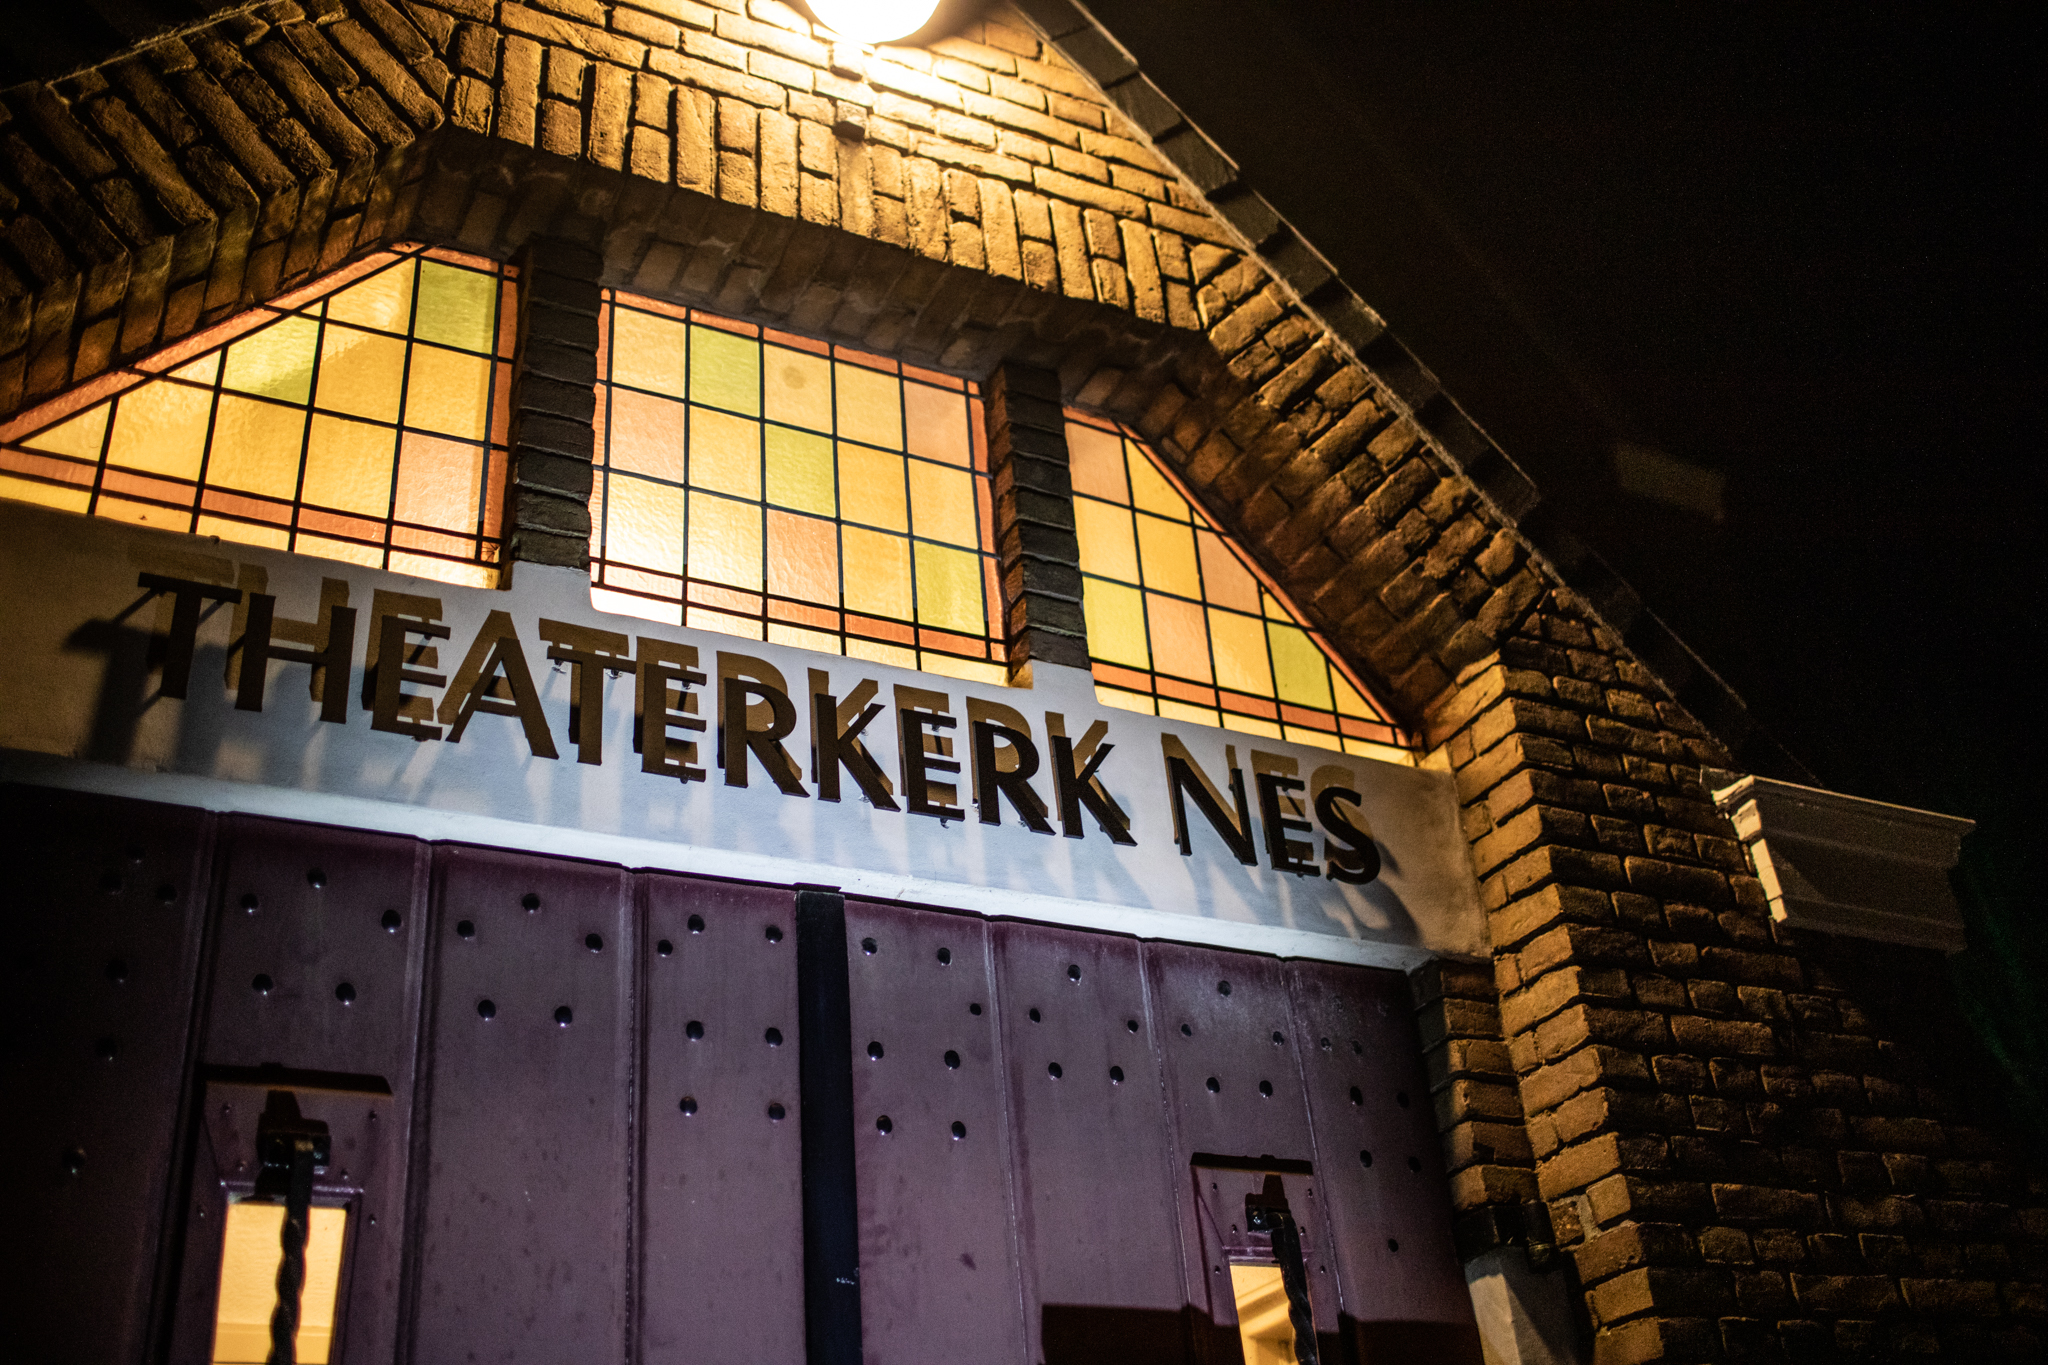 Drie Nessumer koren in Theaterkerk Nes